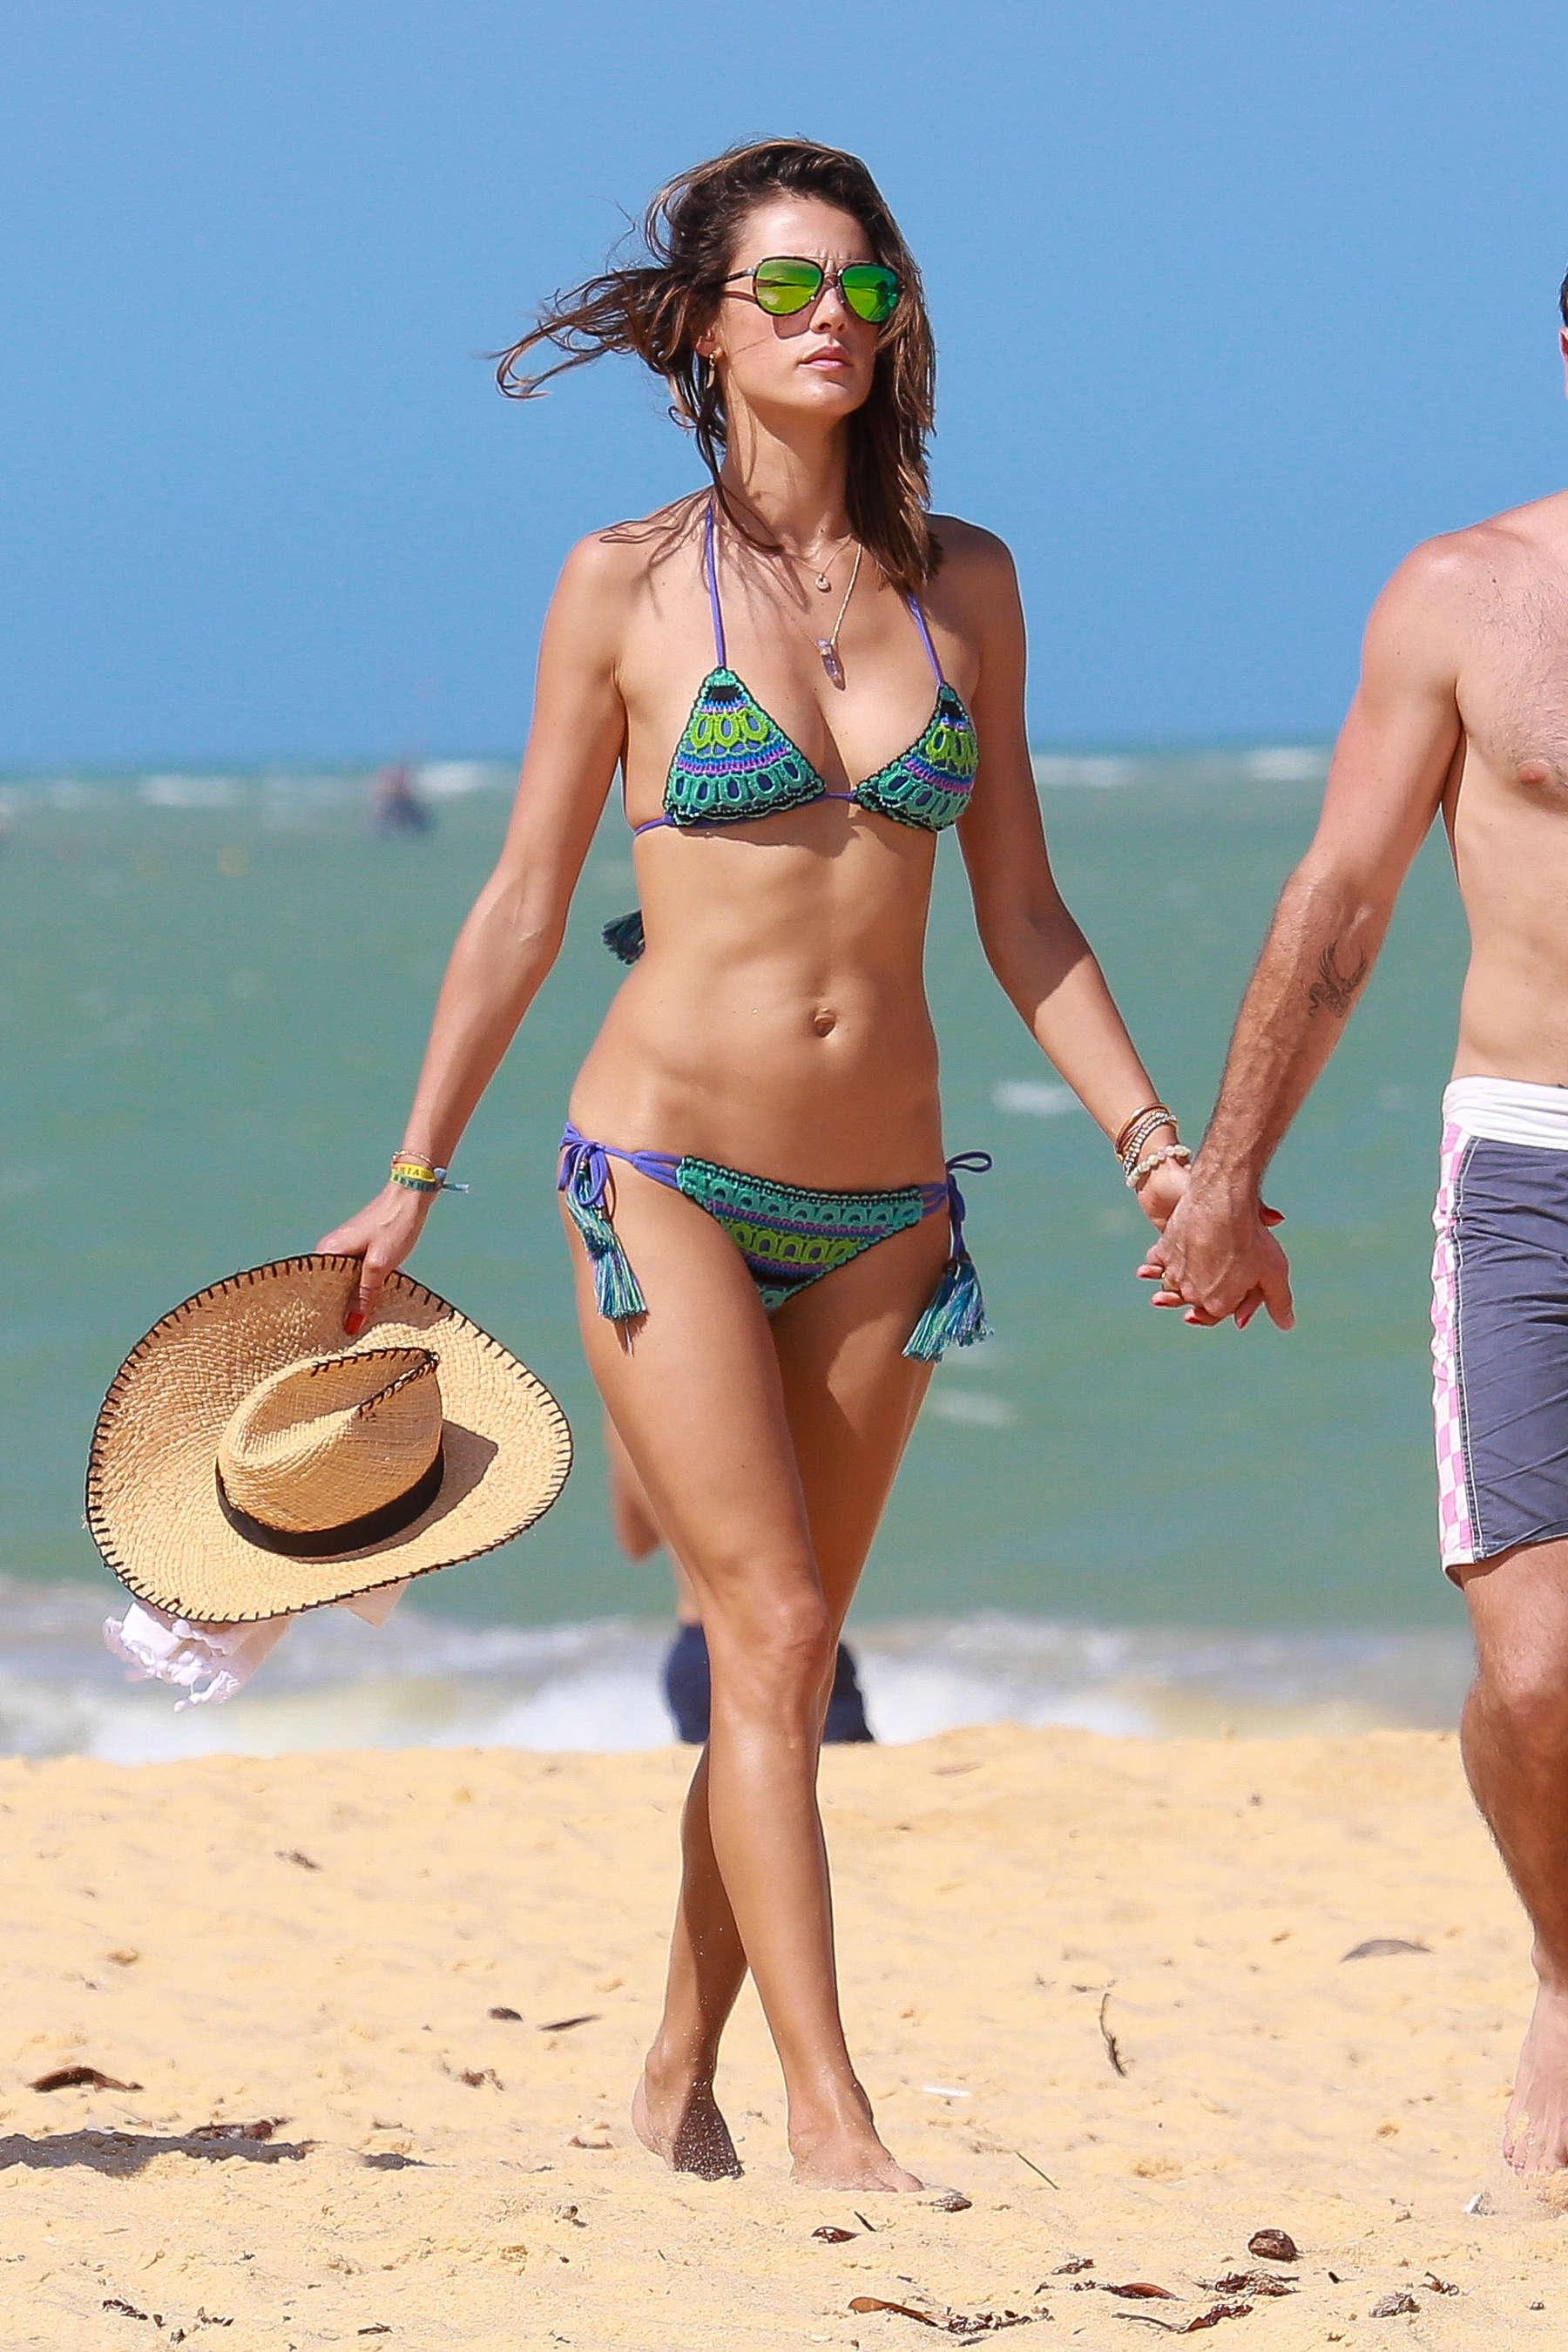 Alessandra Ambrosio 2016 : Alessandra Ambrosio Hot in Bikini -05